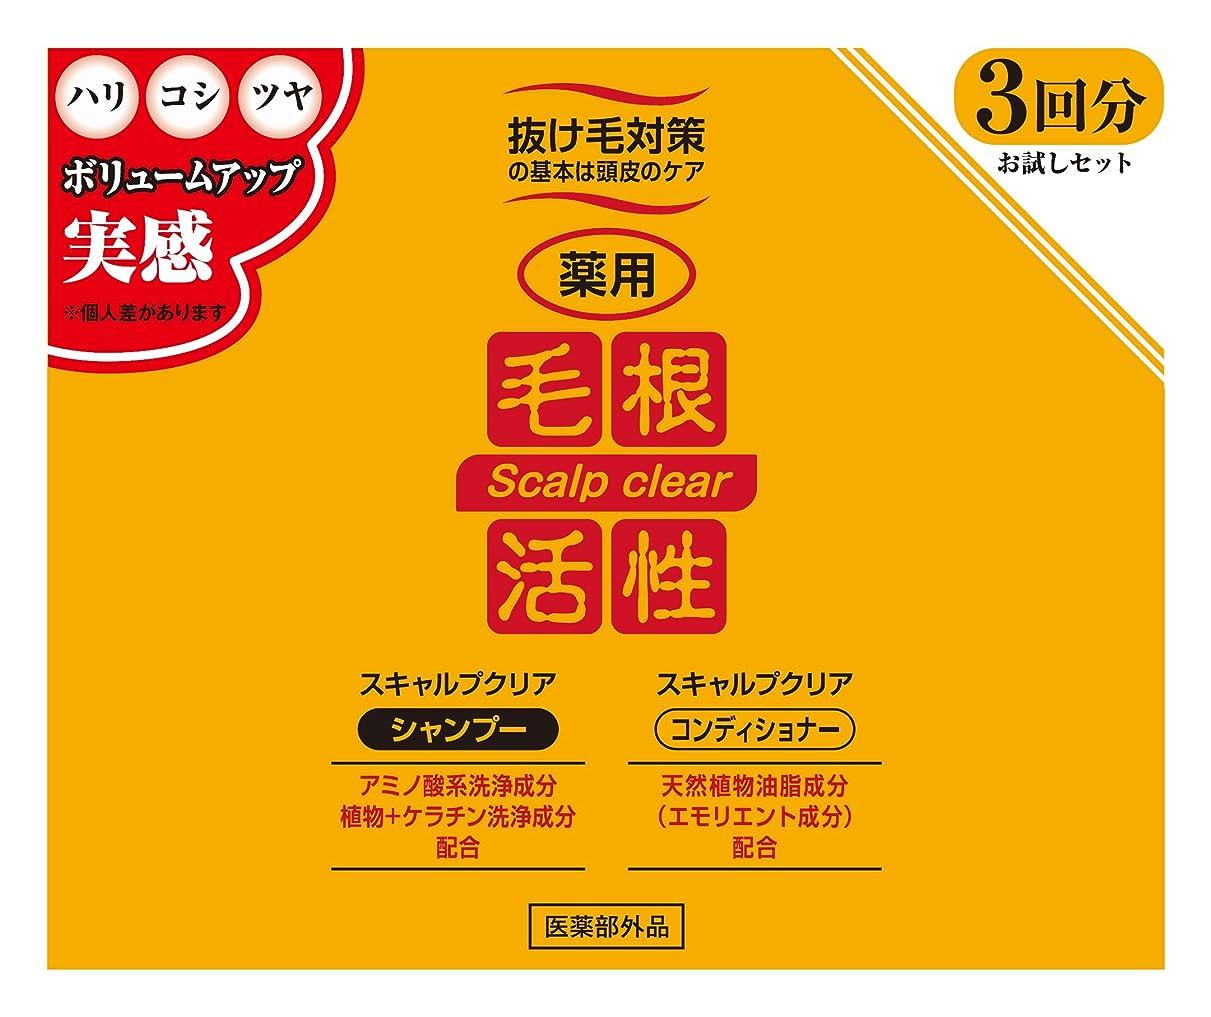 浮浪者ペチコートチチカカ湖薬用 毛根活性 シャンプー&コンディショナー 3日間お試しセット (シャンプー10ml×3個 + コンディショナー10ml×3個)